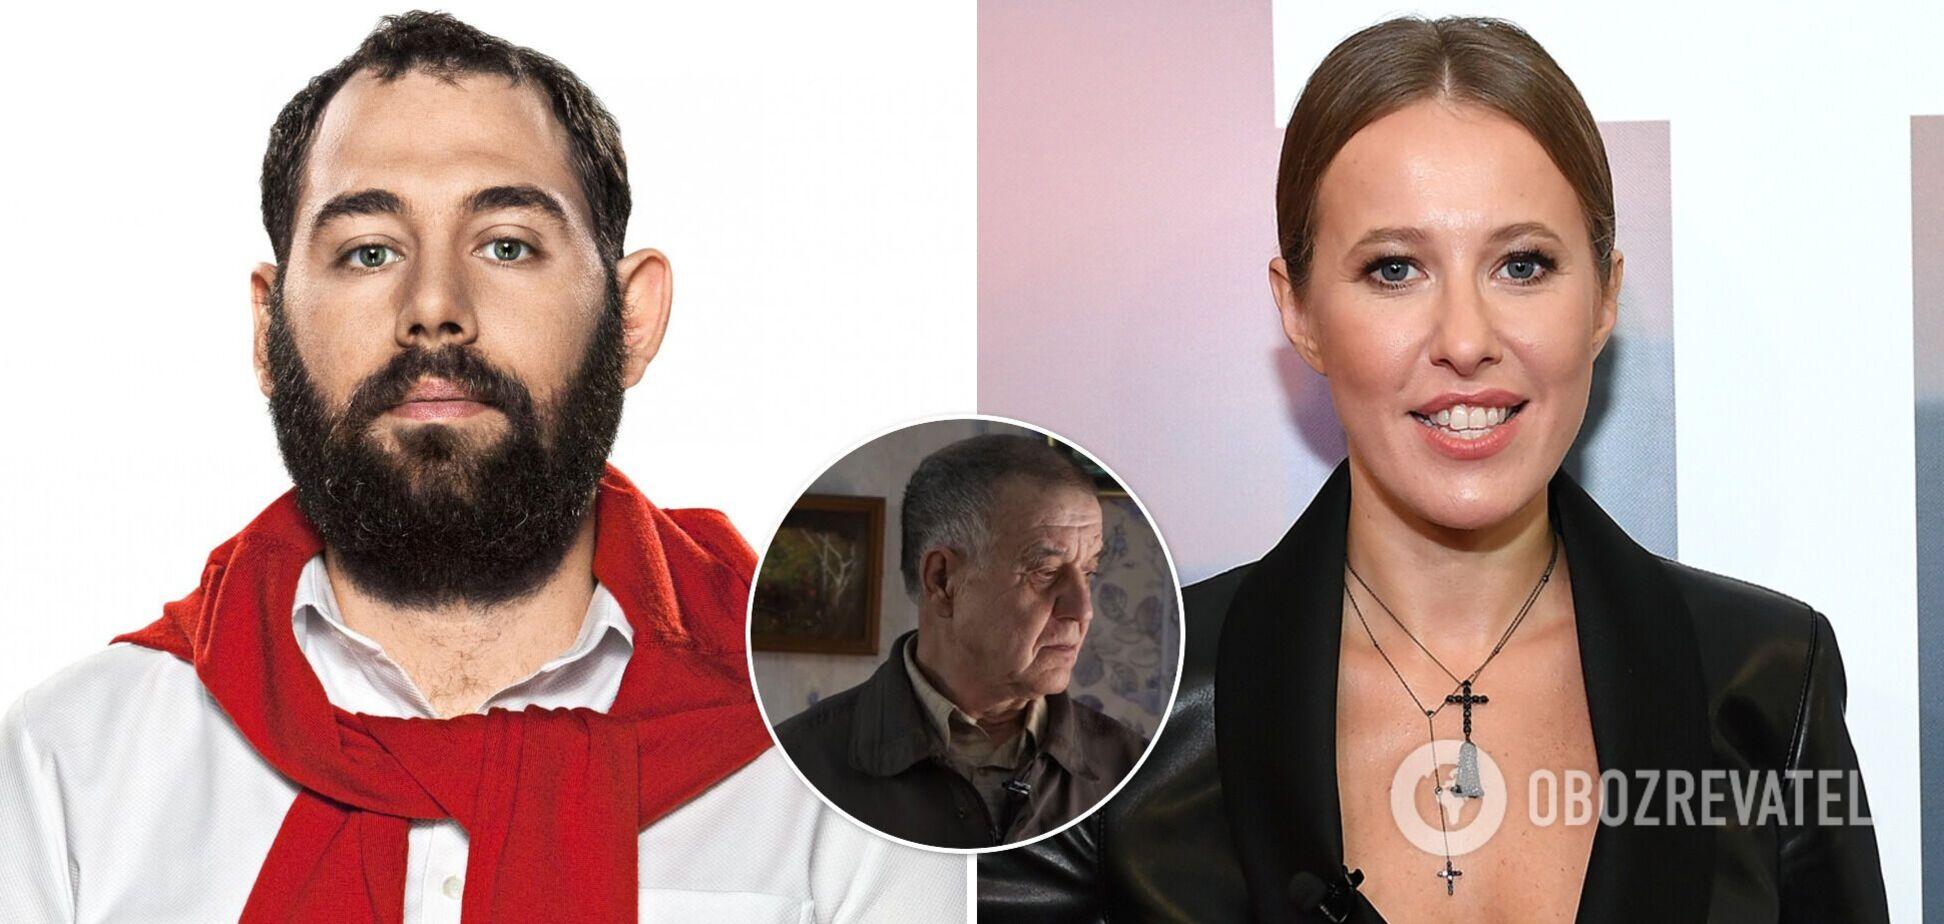 Слепаков высмеял Собчак за интервью со 'скопинским маньяком'